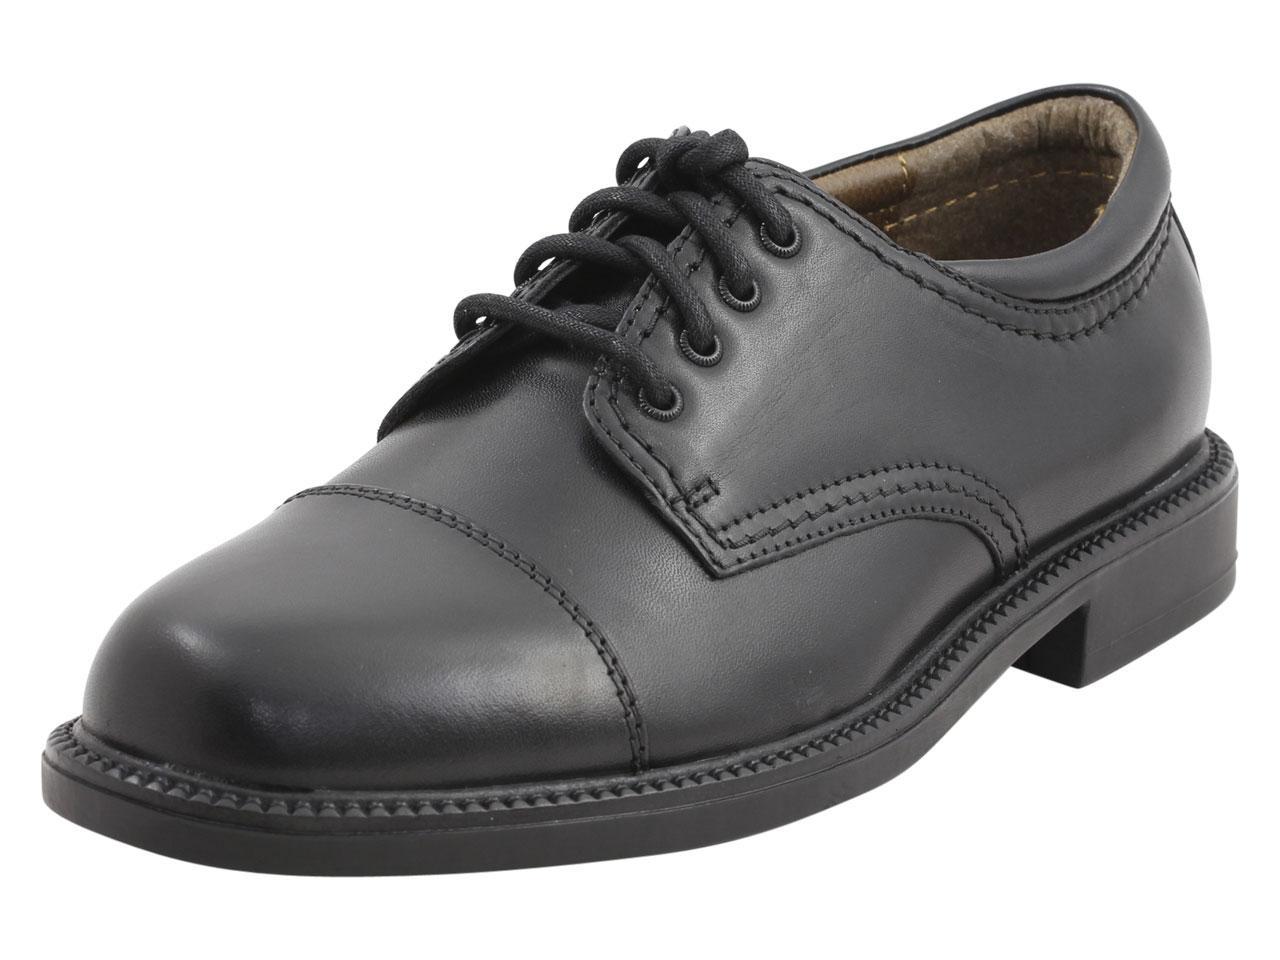 Image of Dockers Men's Gordon Cap Toe Oxfords Shoes - Black - 13 D(M) US